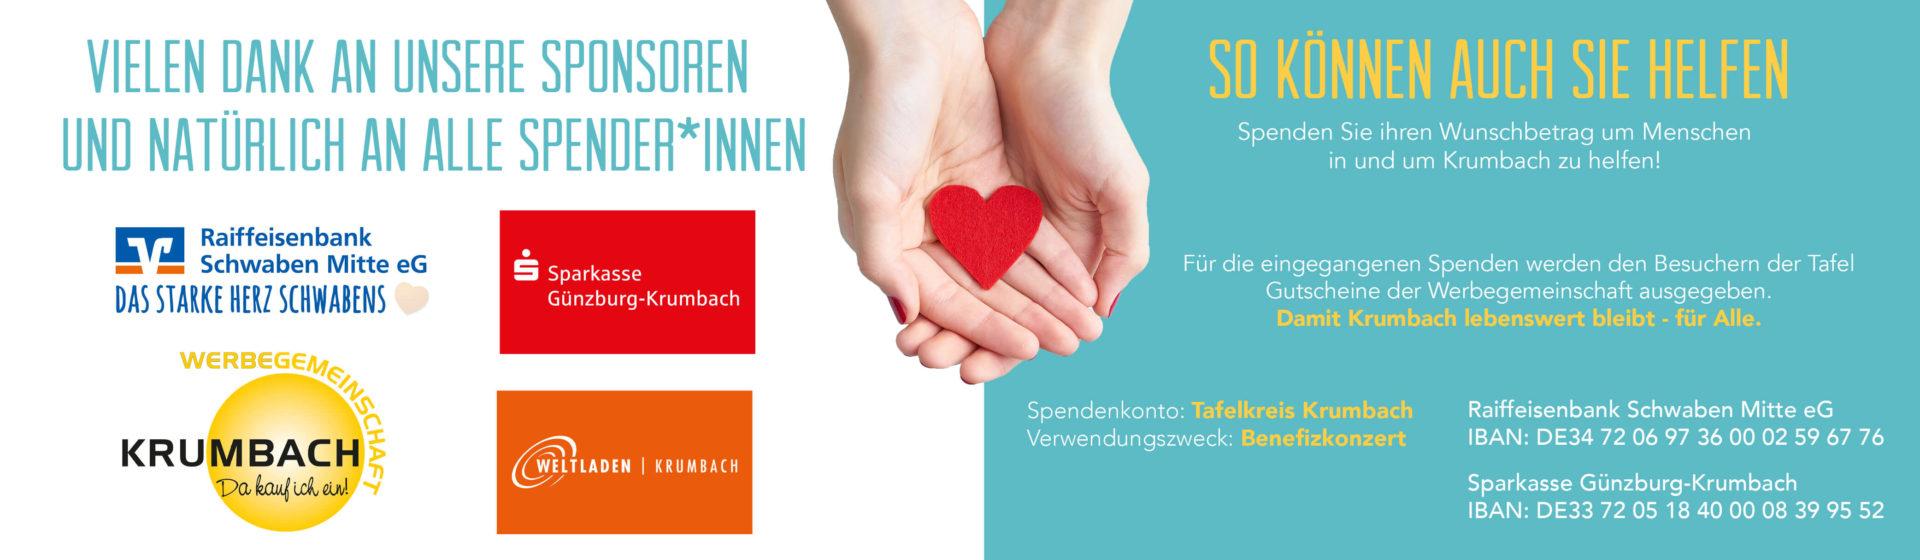 Benefizkonzert_Spenden